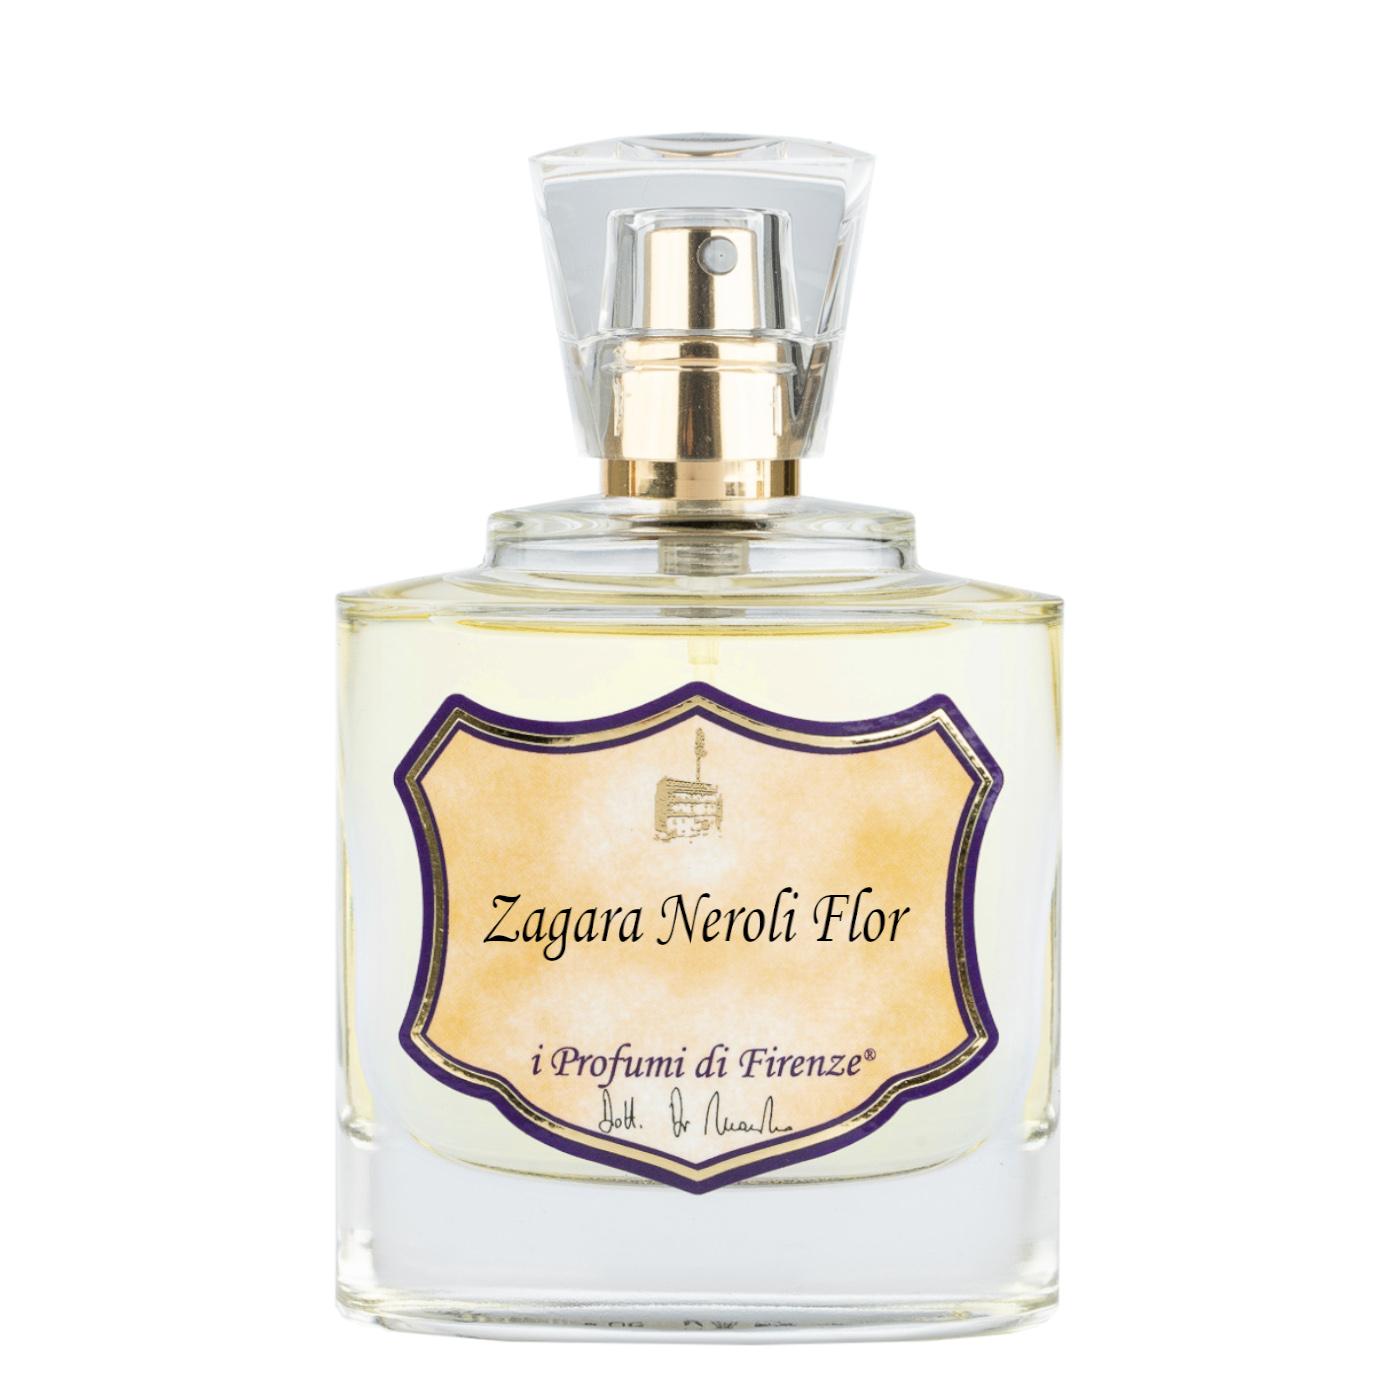 ZAGARA NEROLI FLOR - Eau de Parfum-0